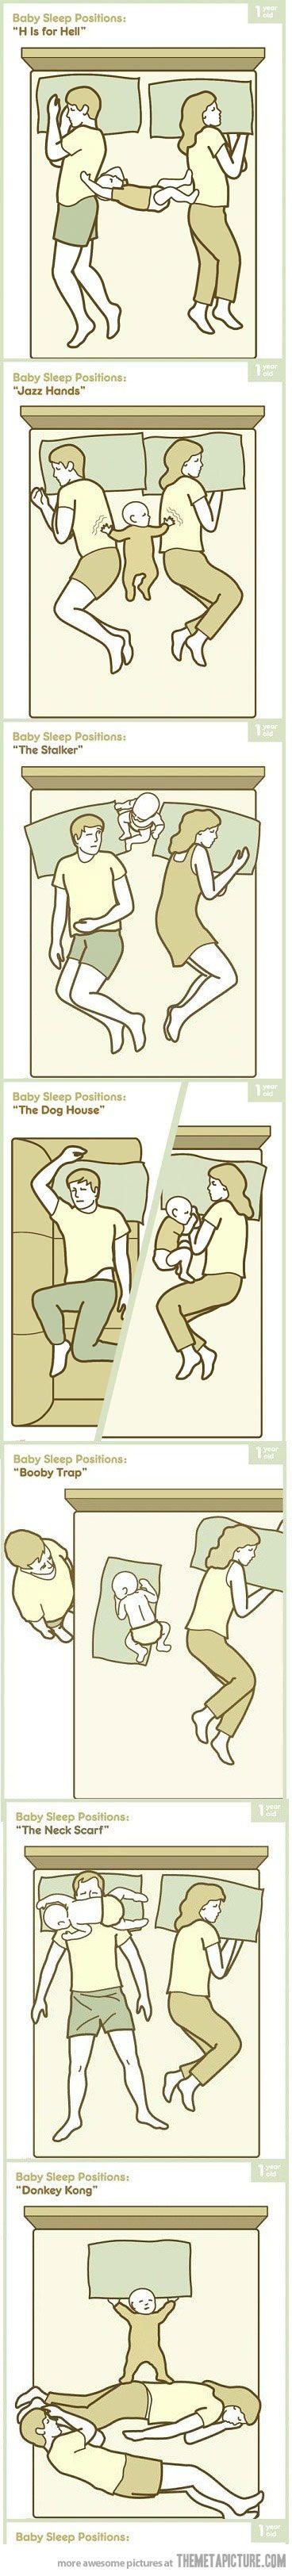 Baby sleep positions